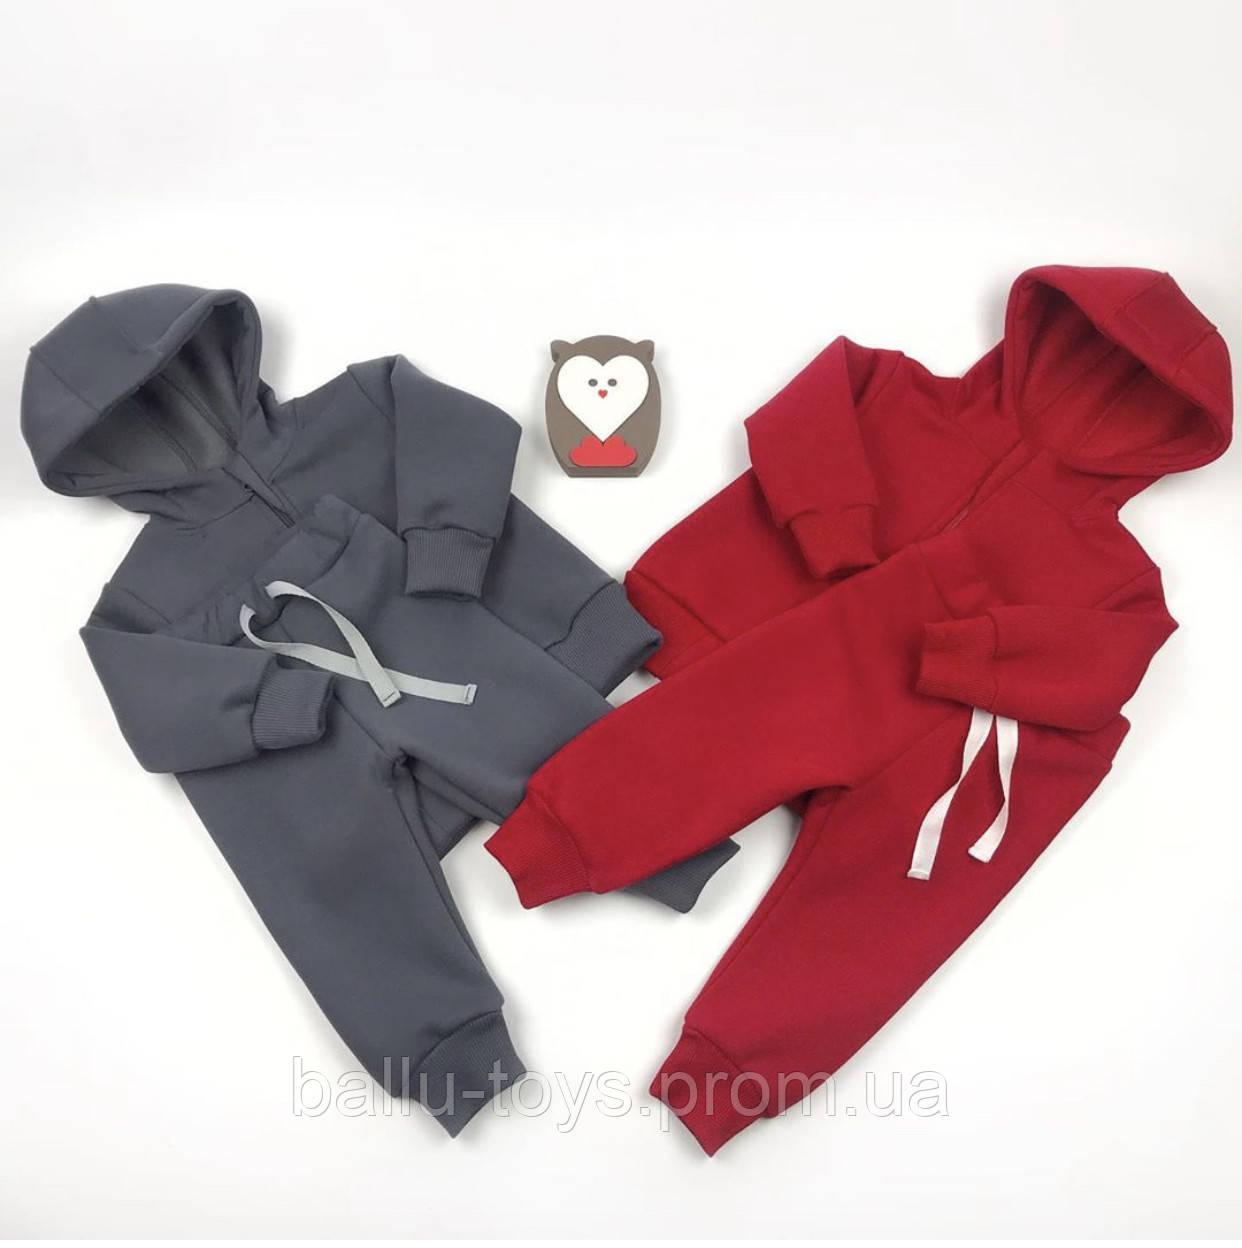 Теплый трикотажный костюм для малышей COOL (9 мес-4 года)